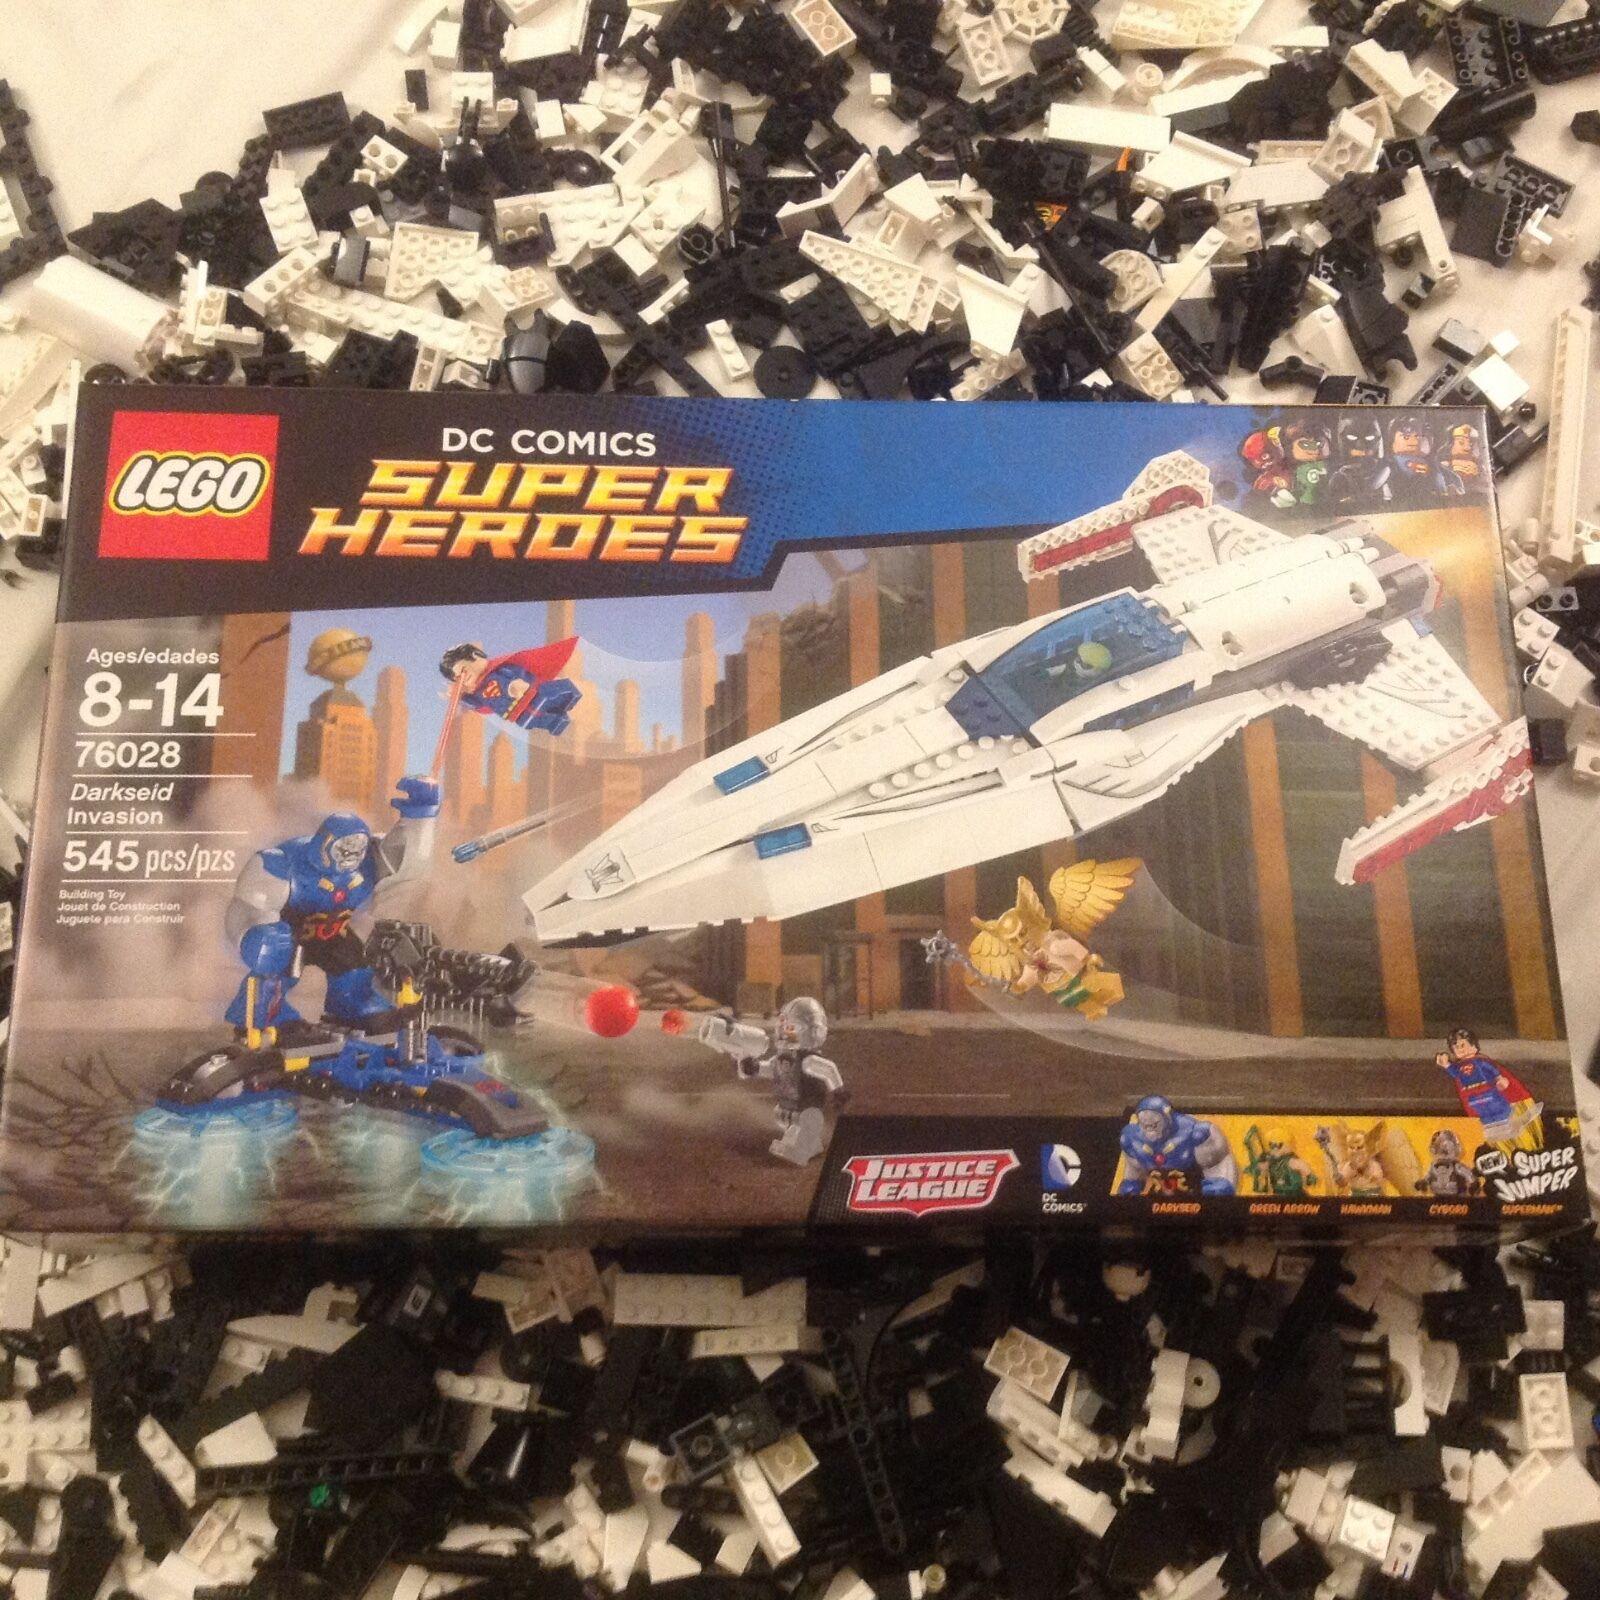 LEGO DC Comics Super Heroes Darkseid Invasion Leg 76028 Scellé prêt à Expédier